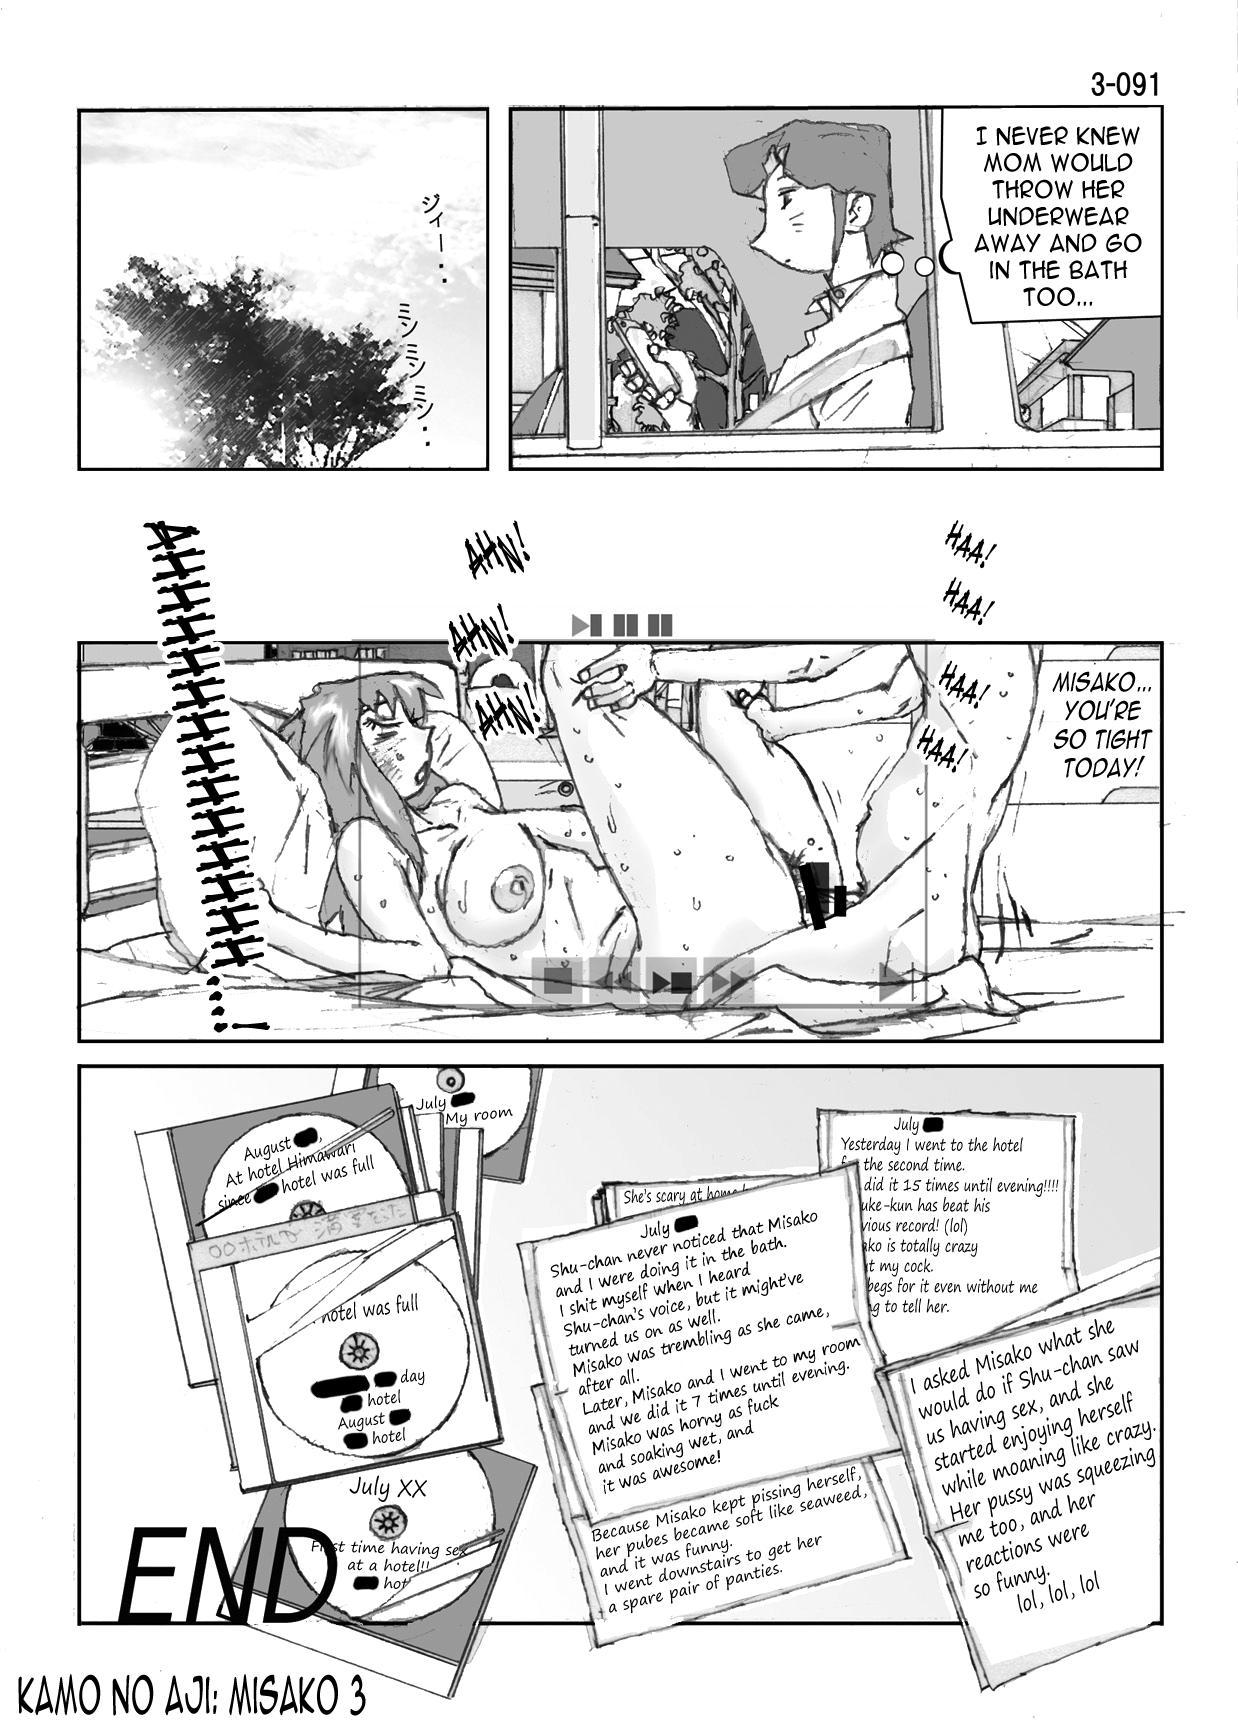 Kamo no Aji - Misako 3 91